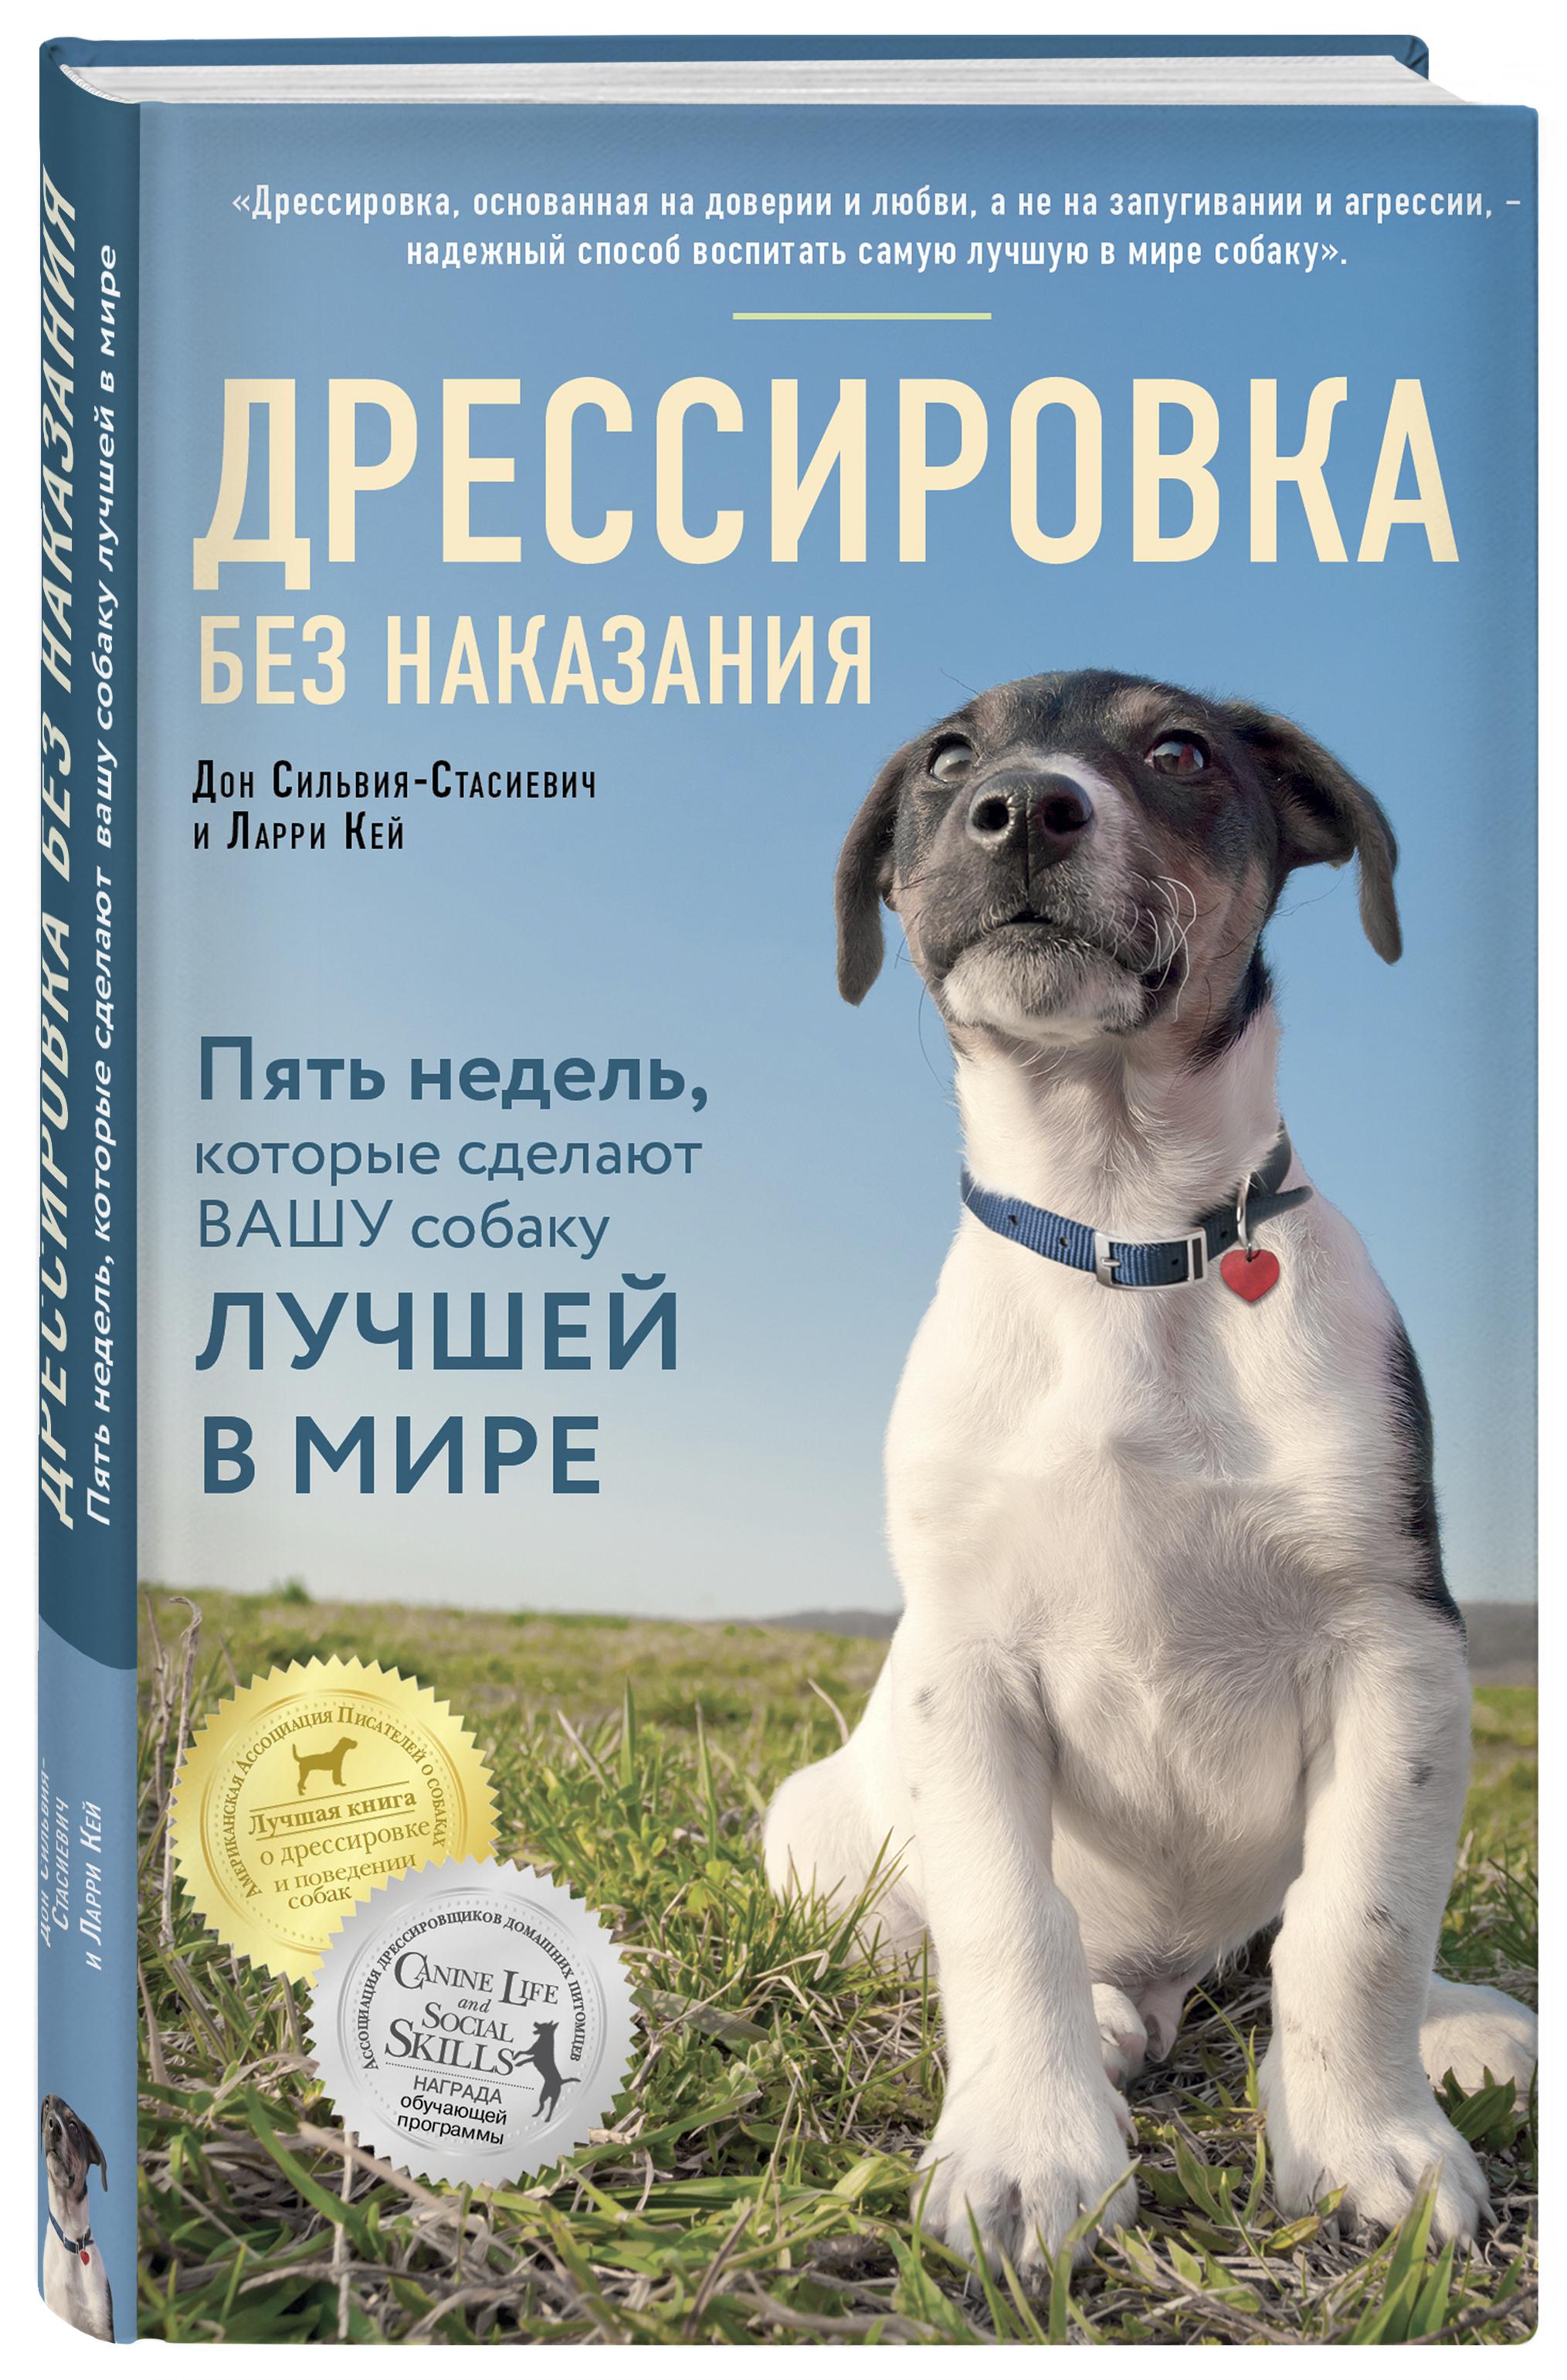 Дон Сильвия-Стасиевич, Кей Ларри Дрессировка без наказания. 5 недель, которые сделают вашу собаку лучшей в мире